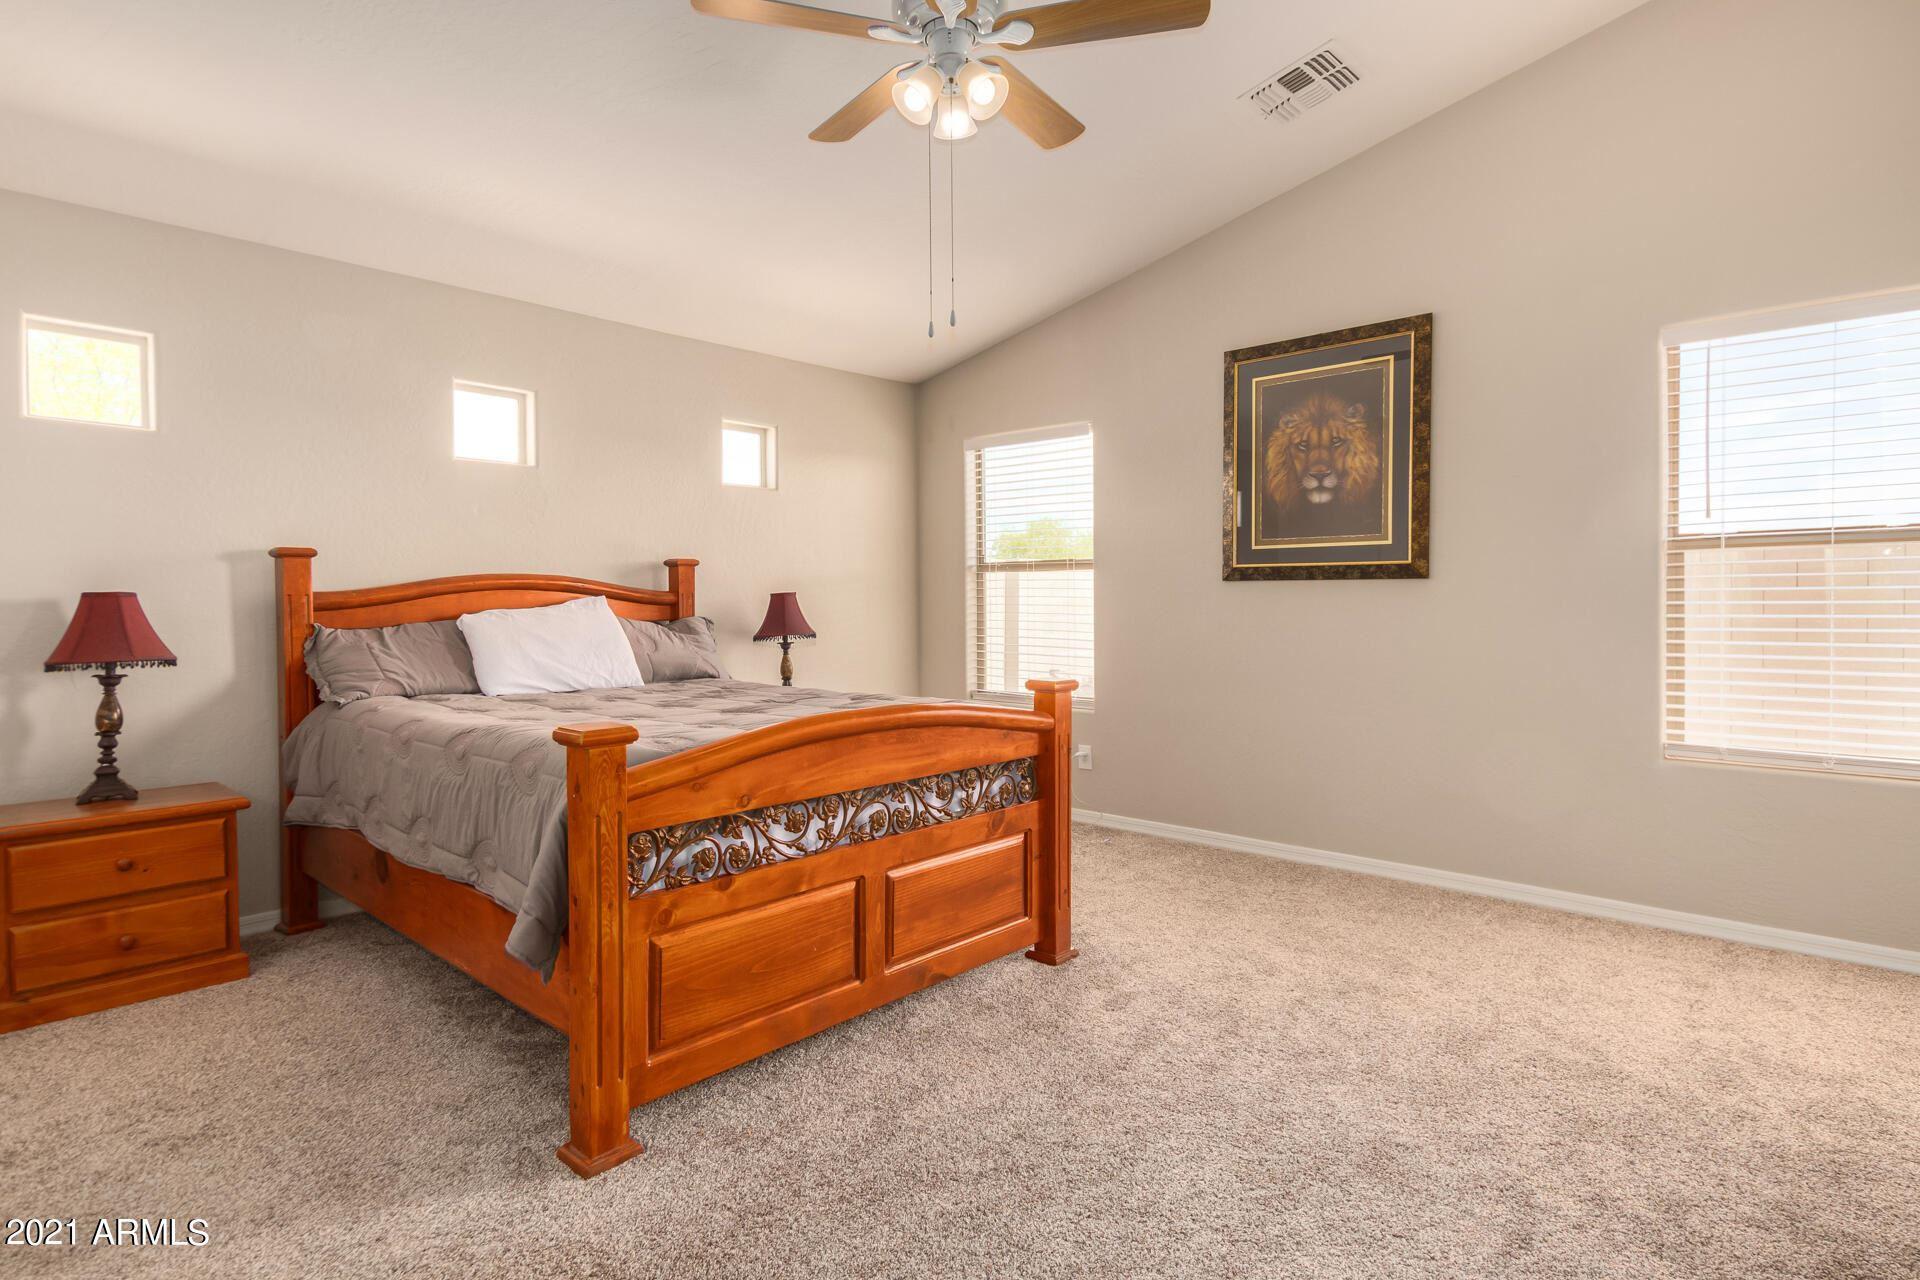 Photo of 25589 W GLOBE Avenue, Buckeye, AZ 85326 (MLS # 6246099)